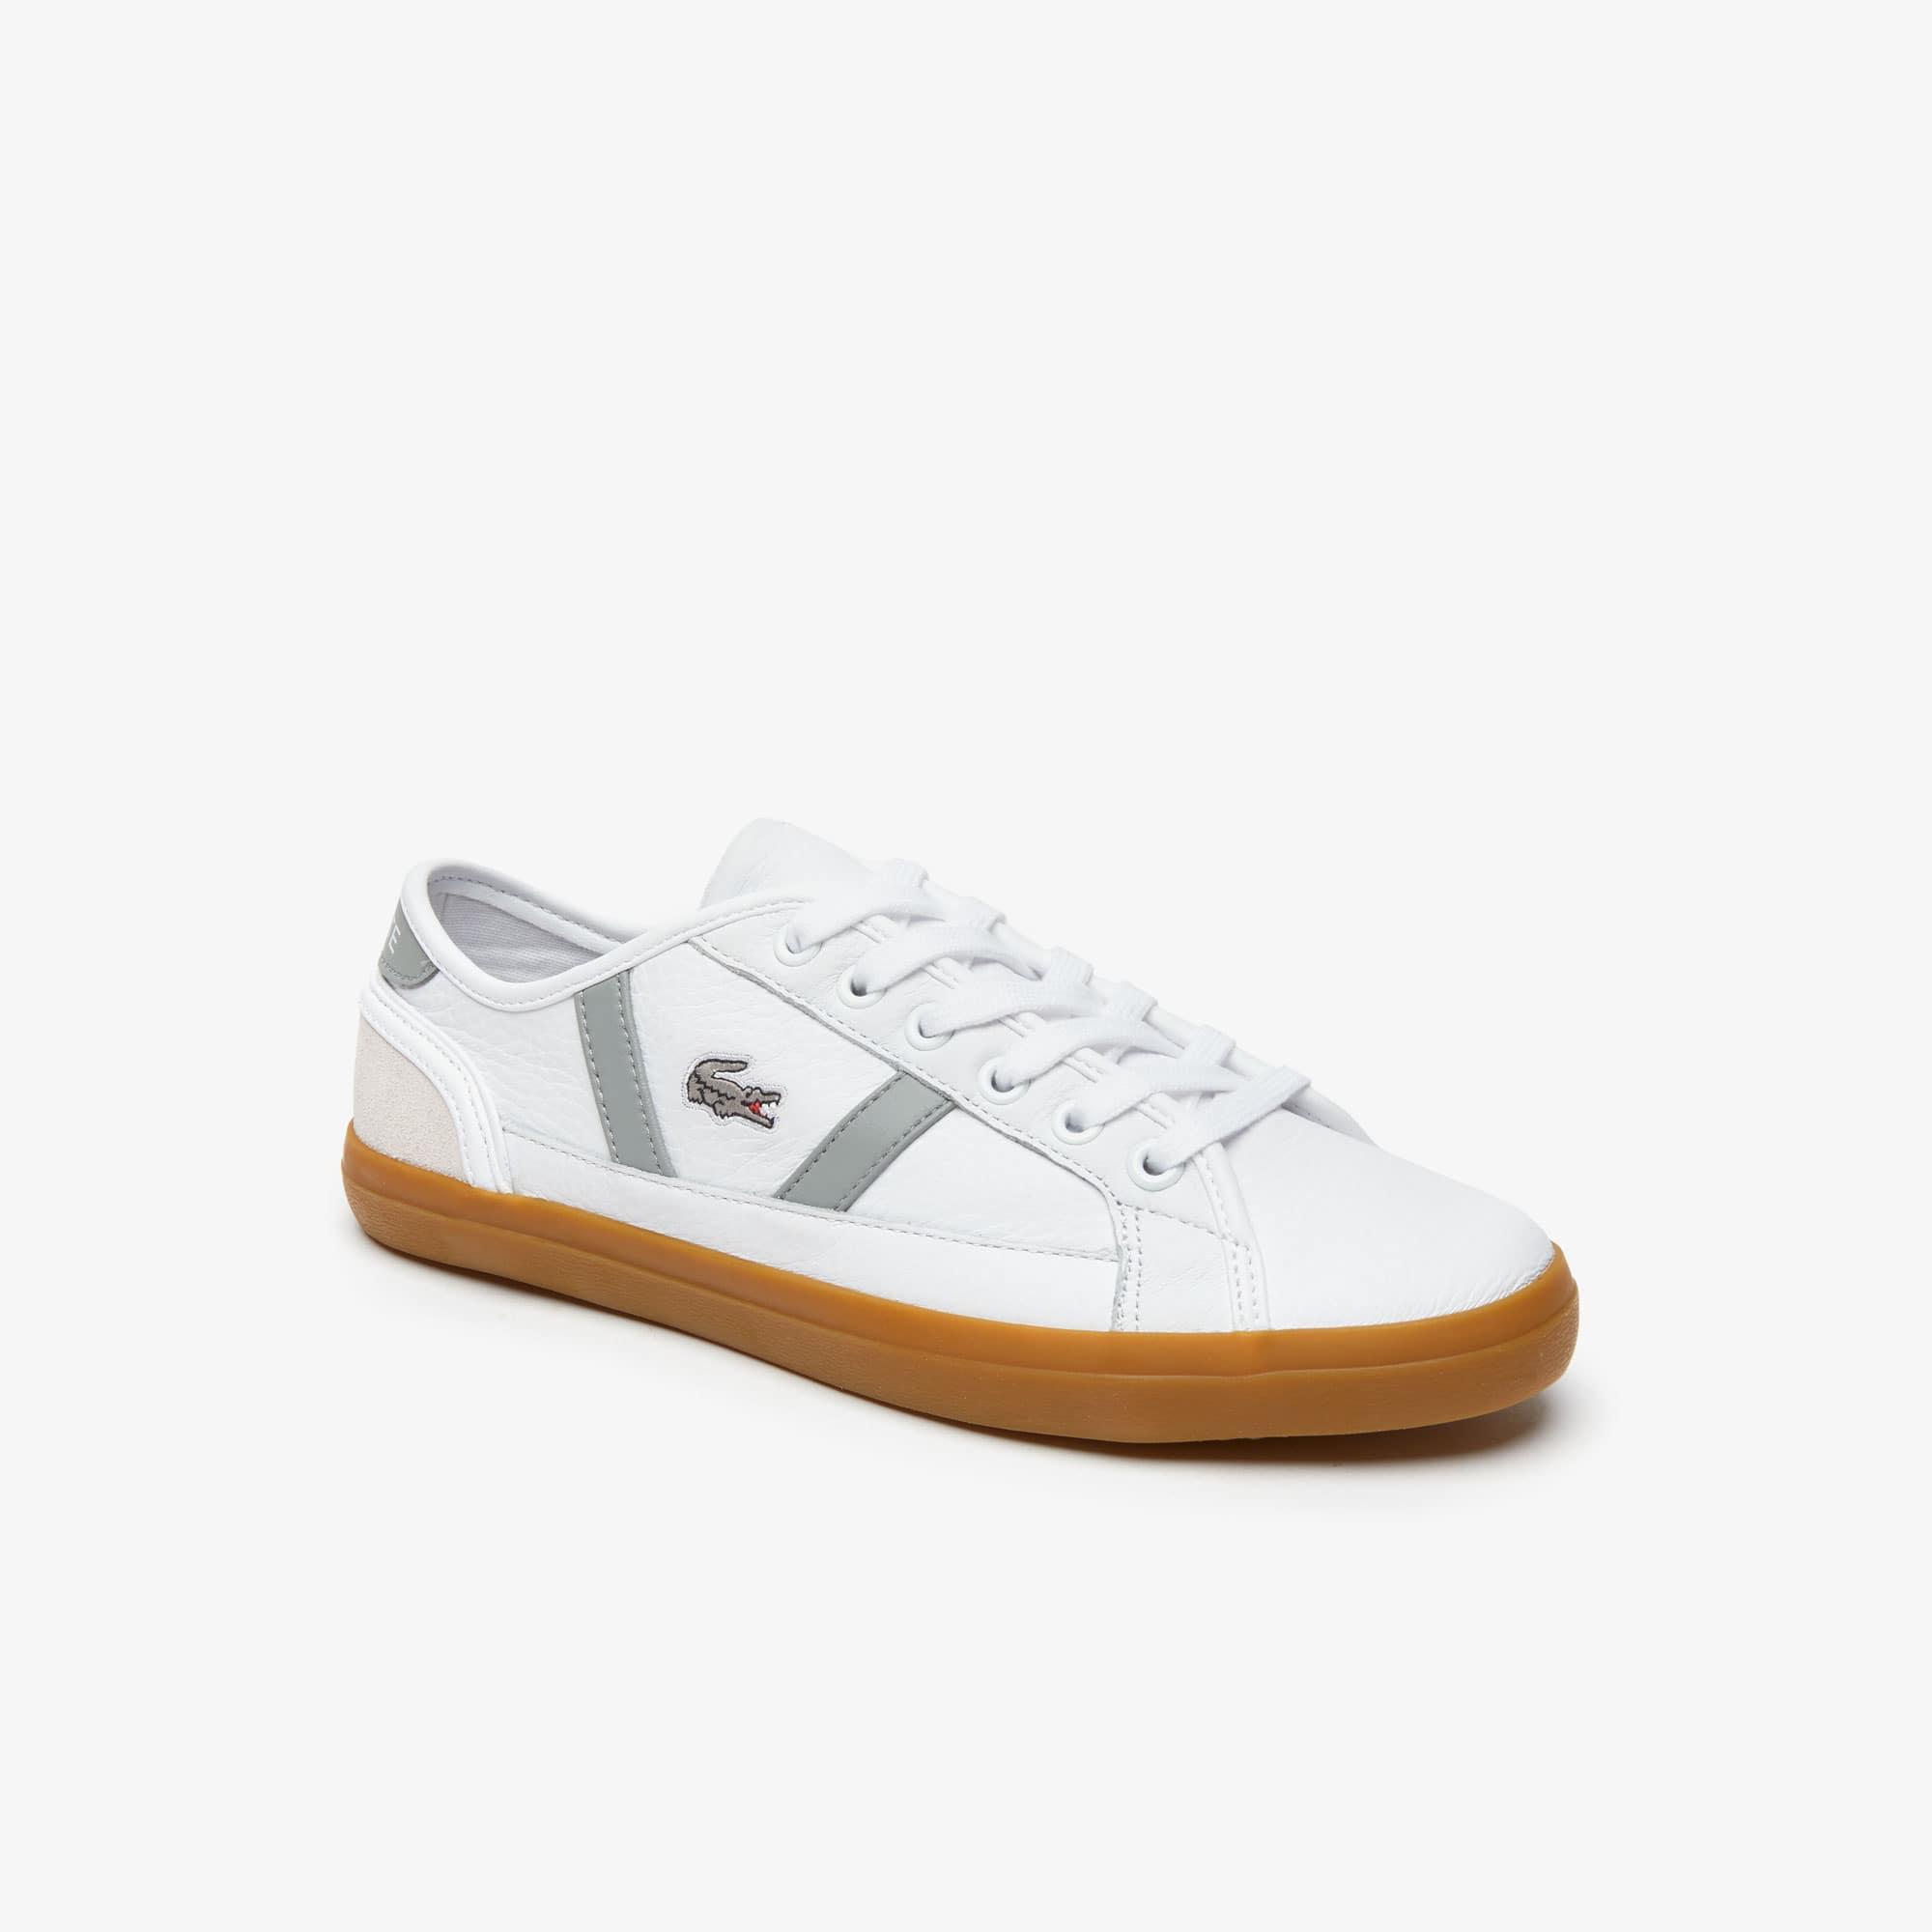 9cad03ee01 Sideline-sneakers dames van leer